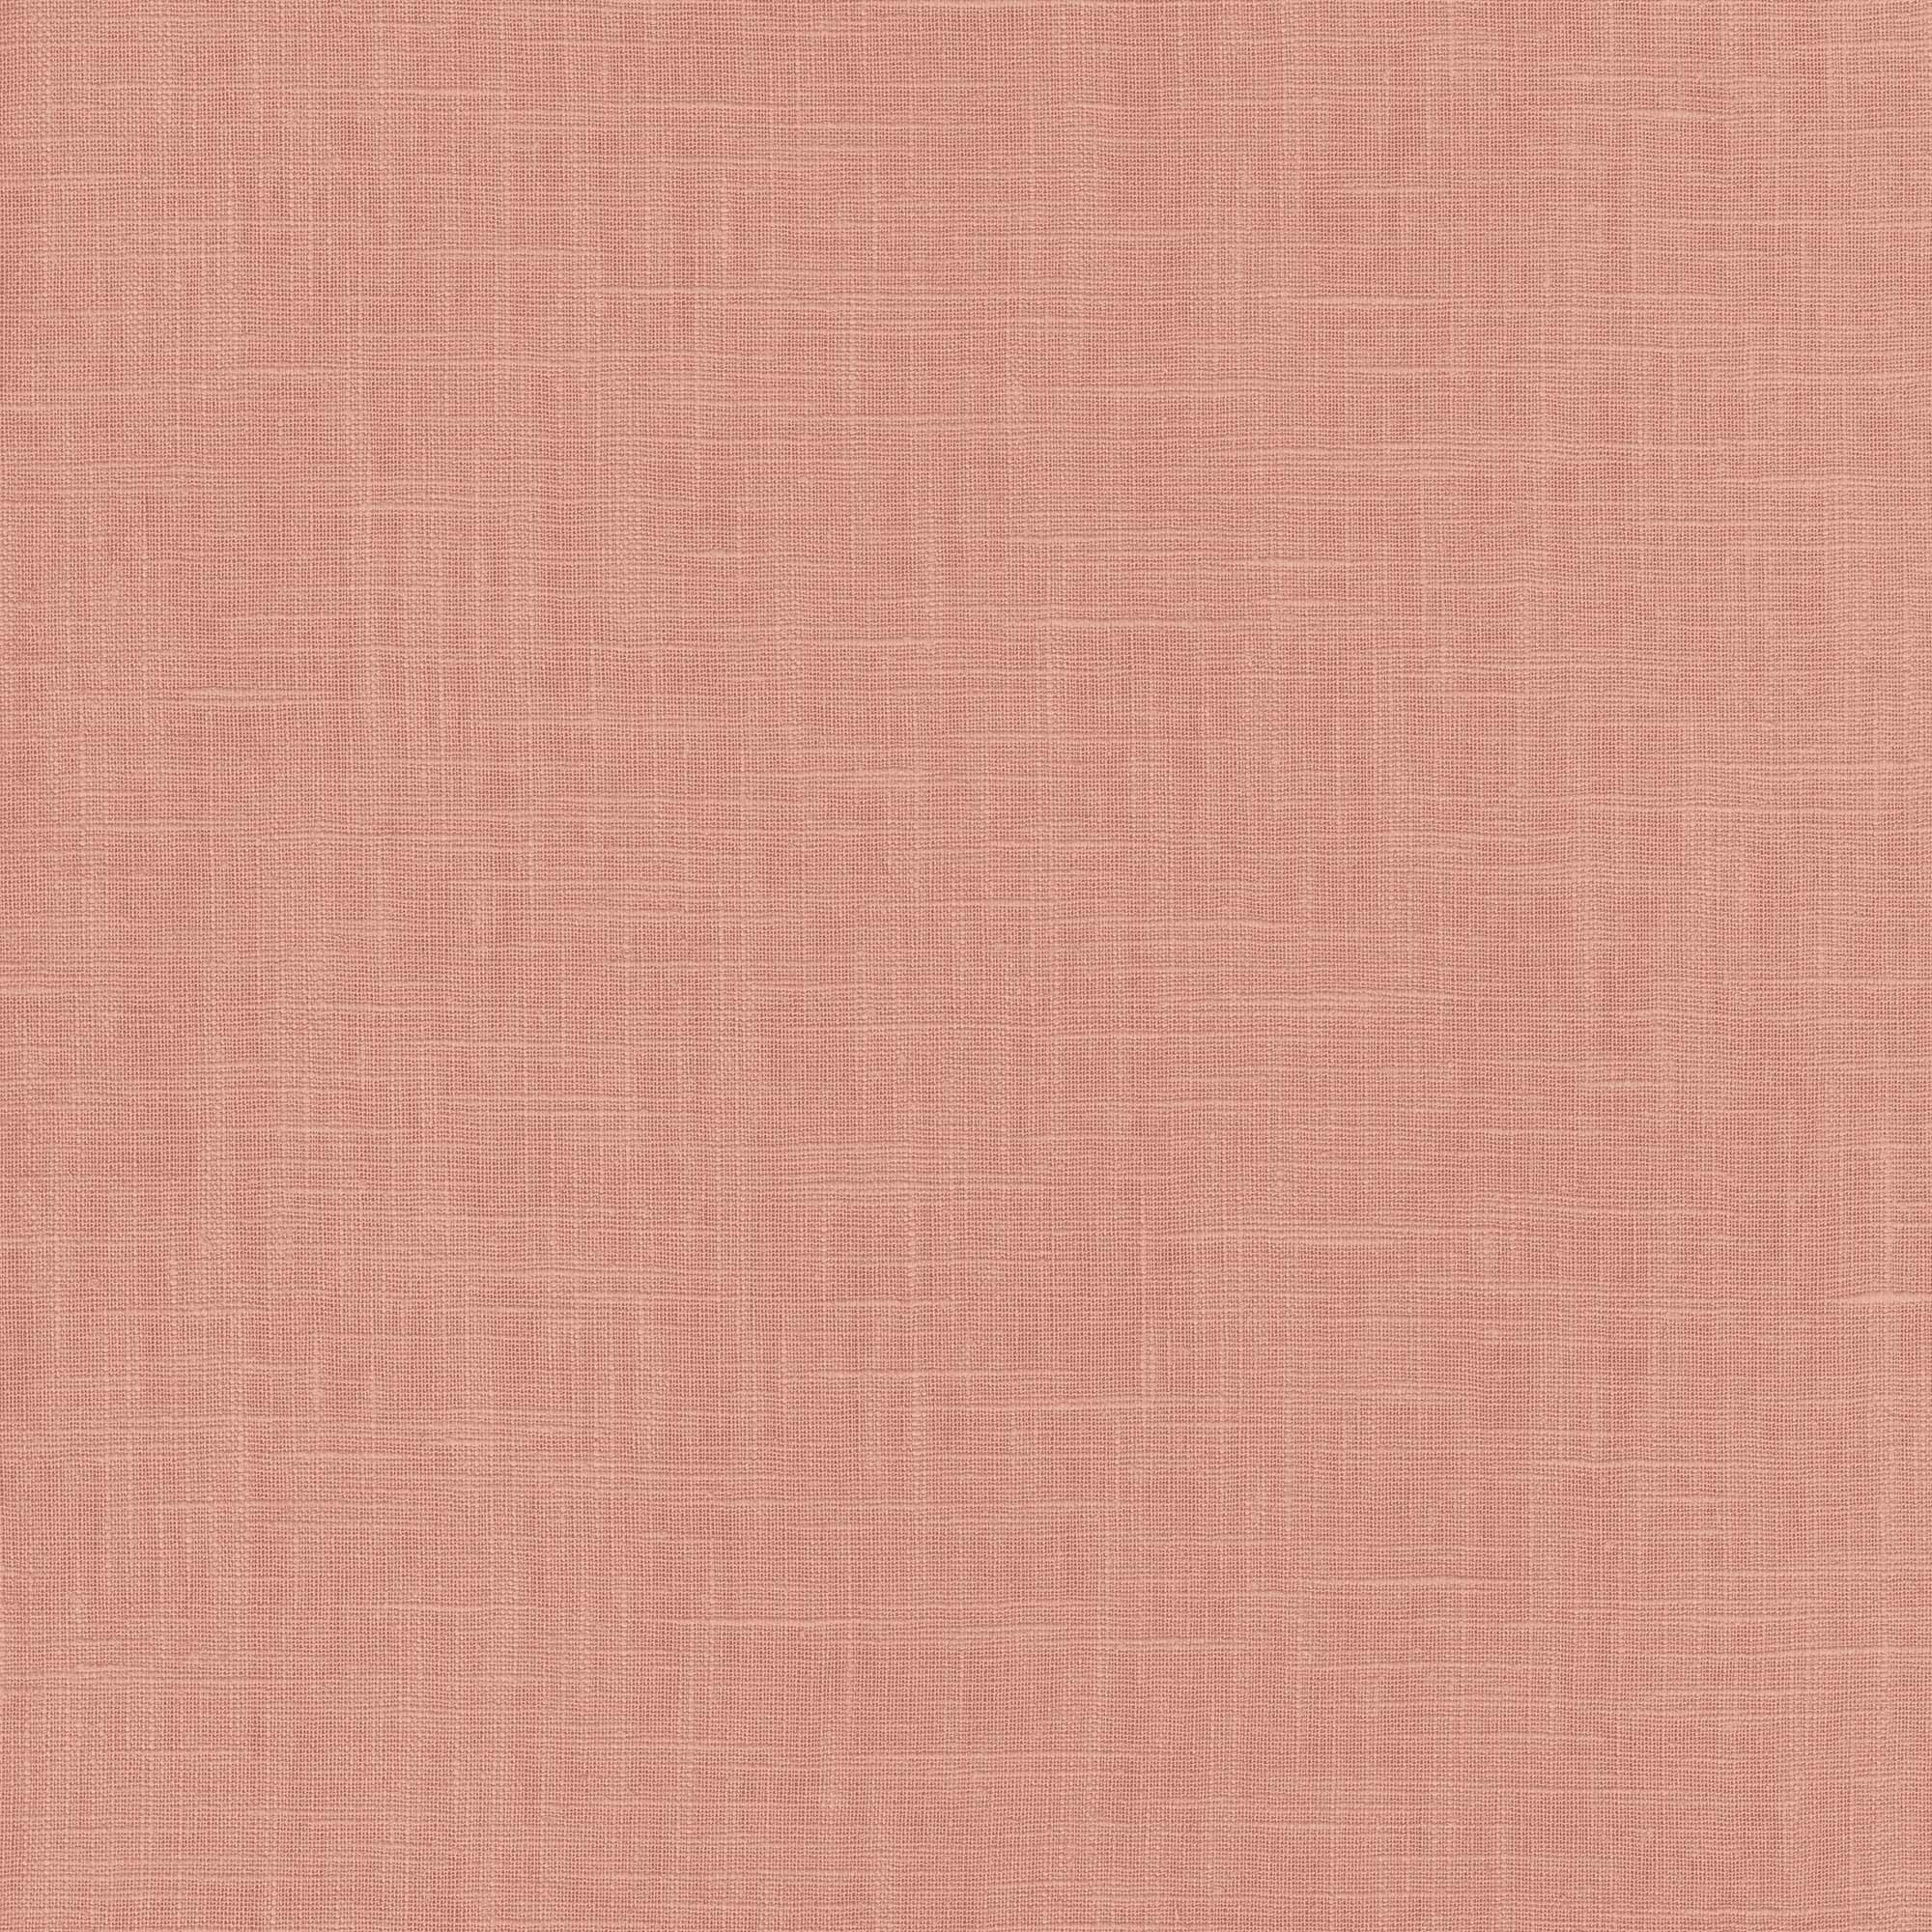 Wallquest Indie Linen Embossed Vinyl